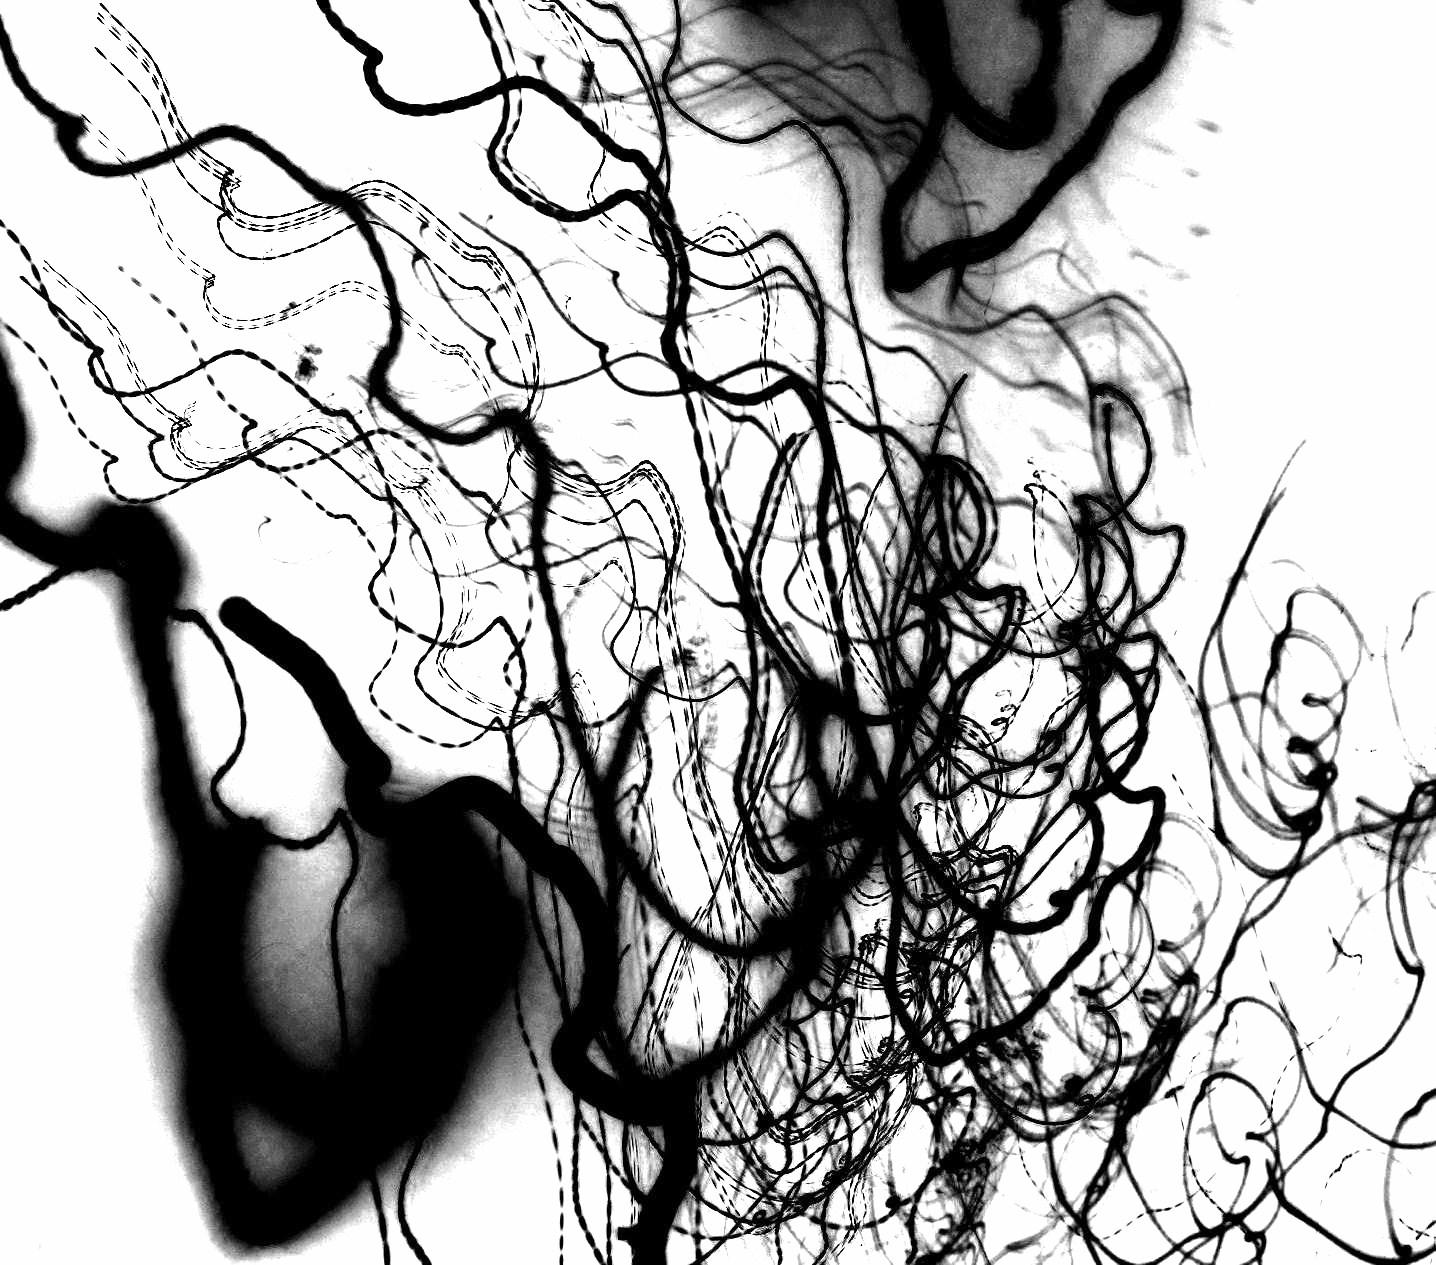 DanzaElArte: Fotografías abstractas en blanco y negro